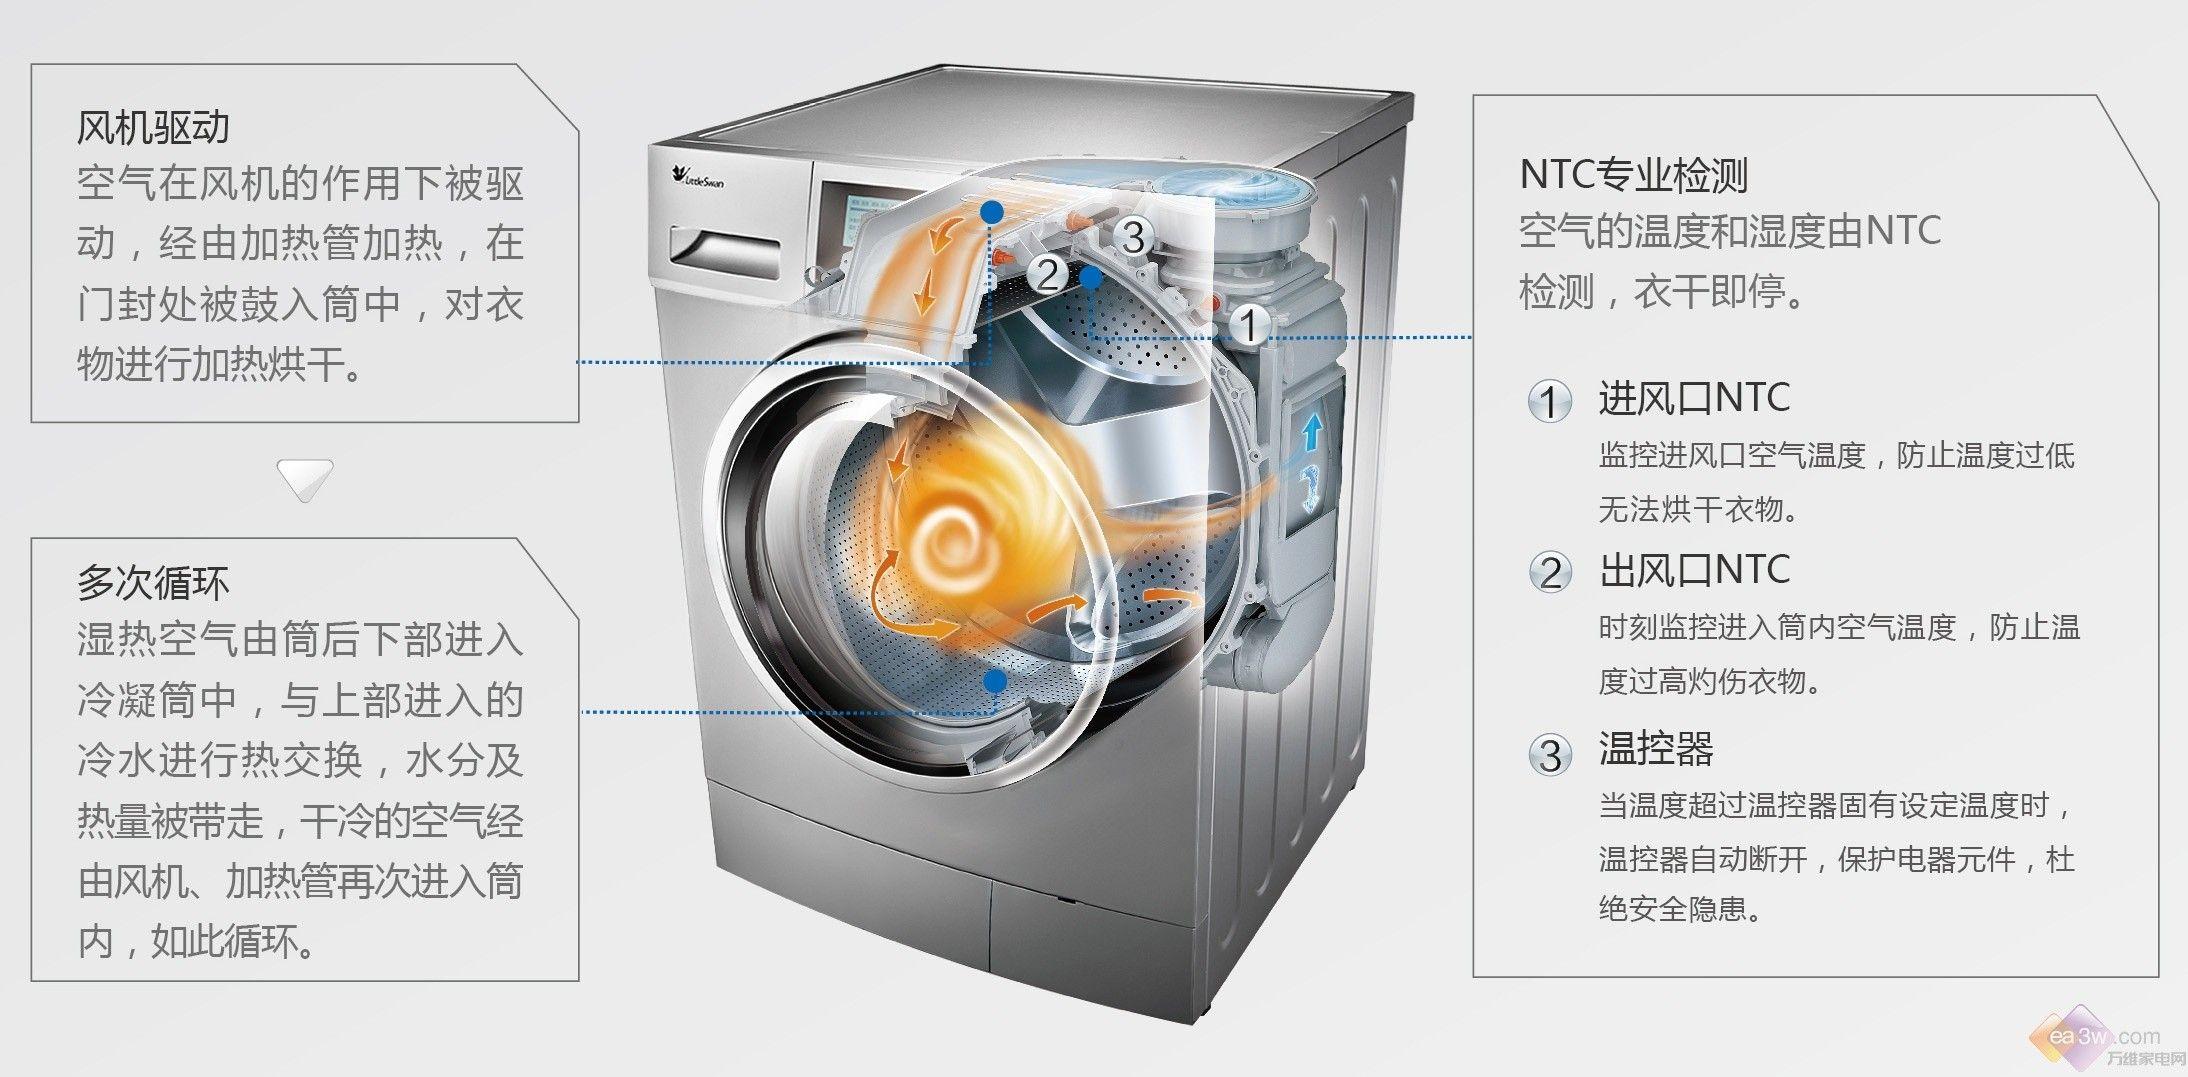 """小天鹅""""纯臻2.0""""滚筒洗衣机技术大爆料"""